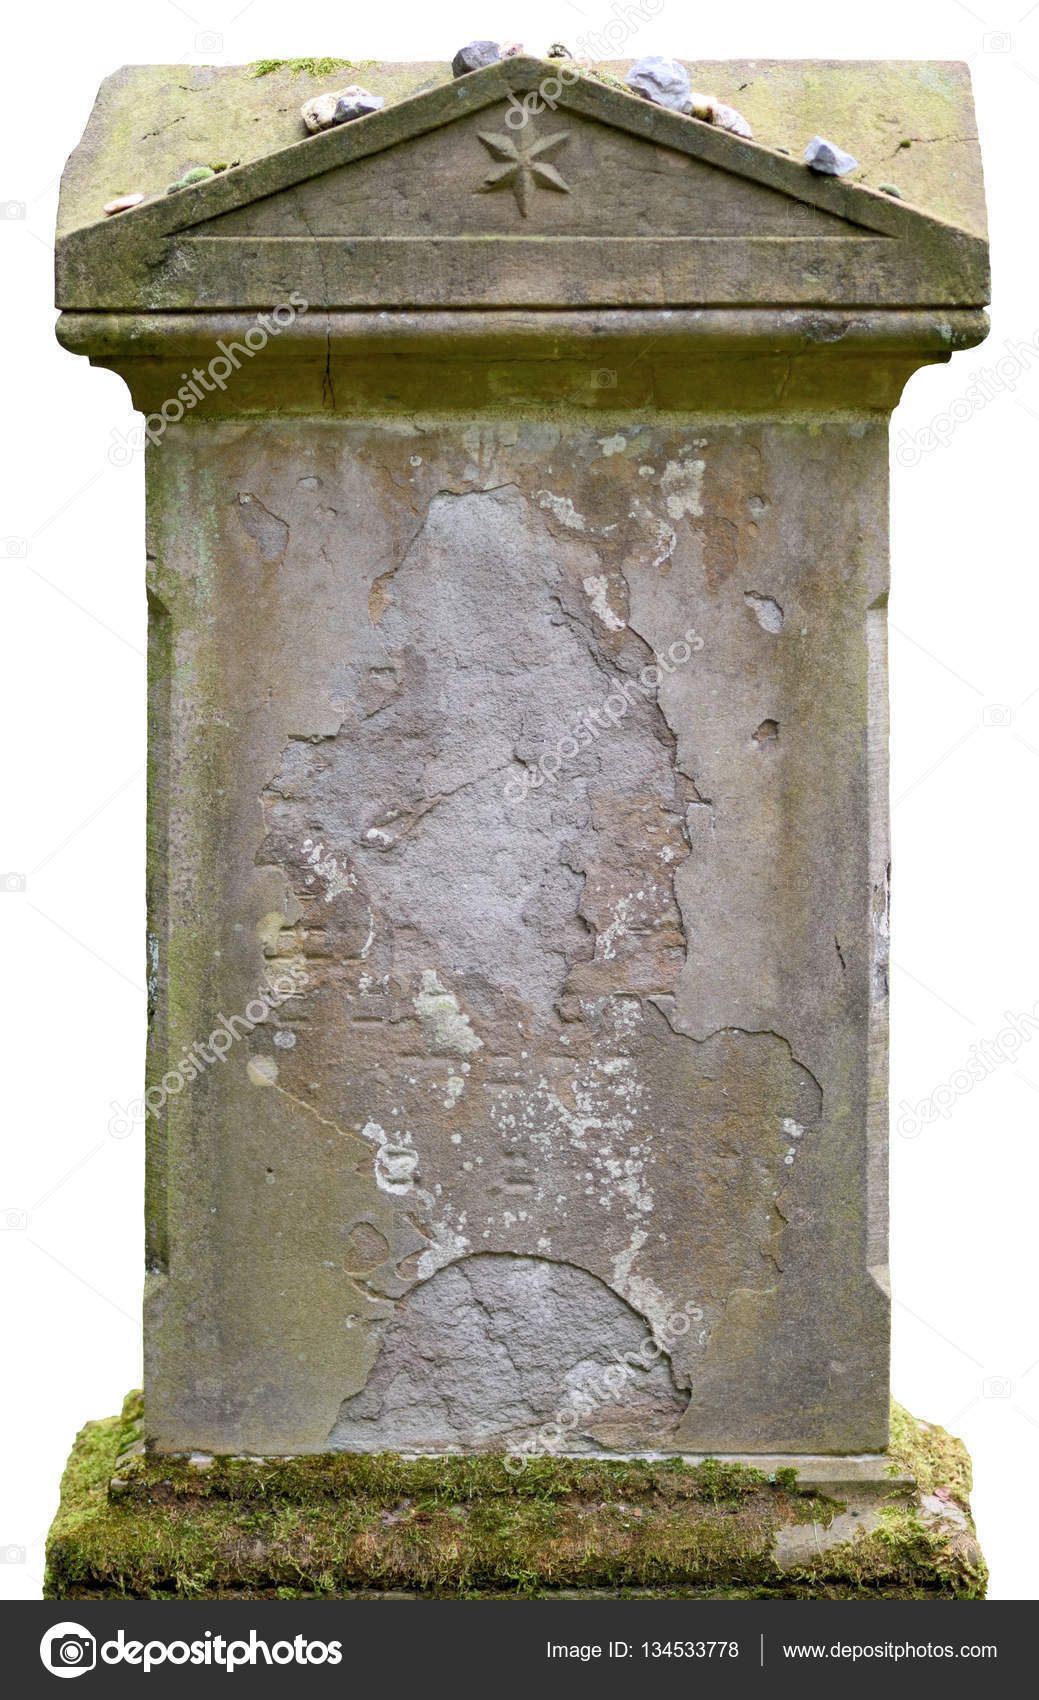 Старинная надгробная плита памятники екатеринбург фото 4 кв м